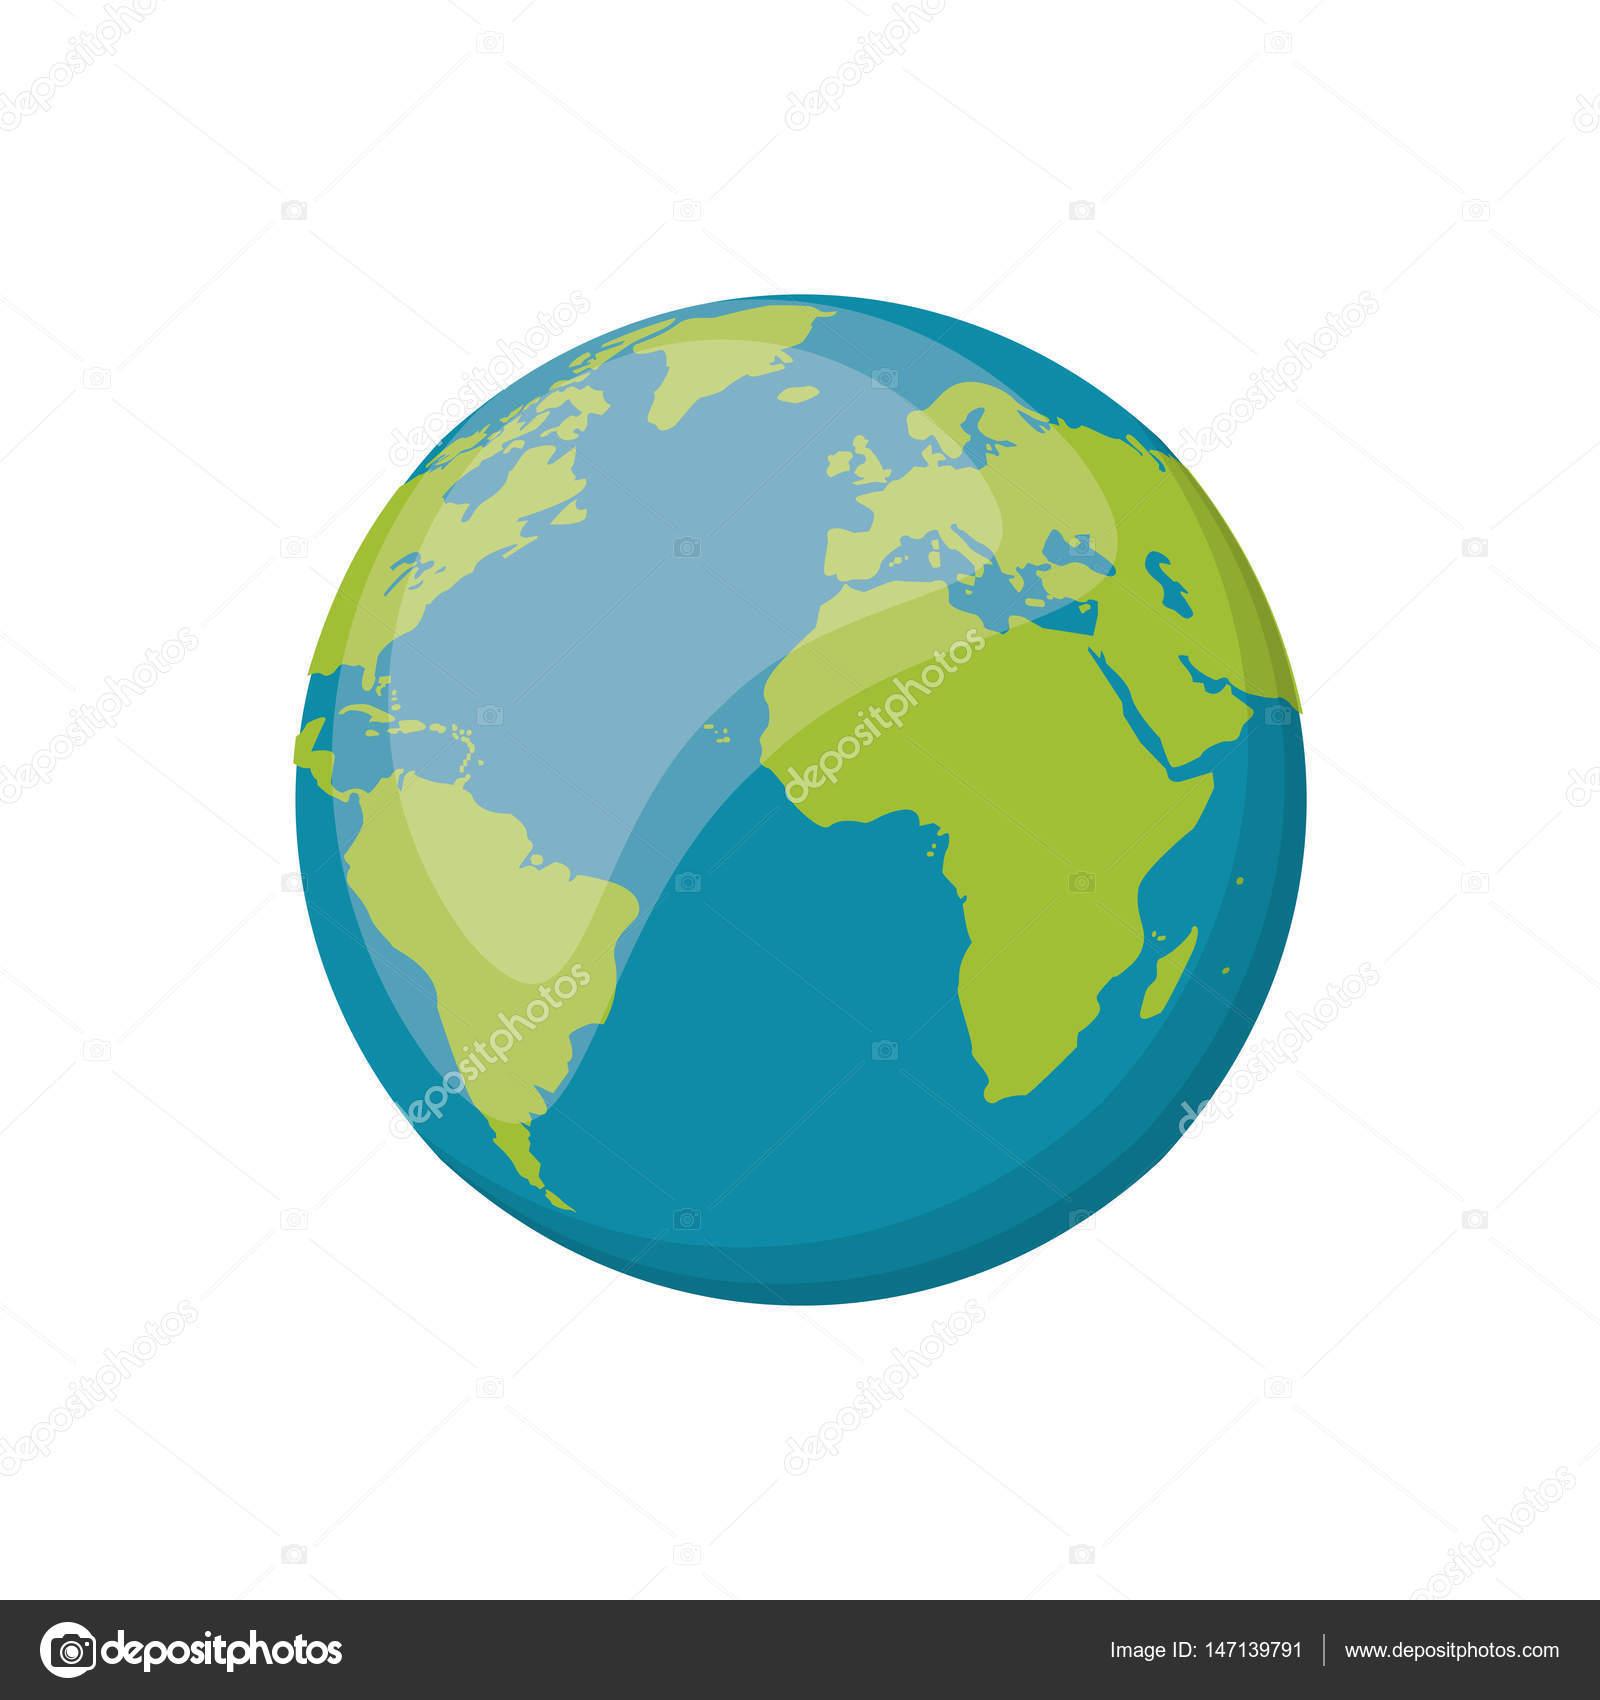 Ziemia Planeta Space Obrazu Grafika Wektorowa Jemastock 147139791